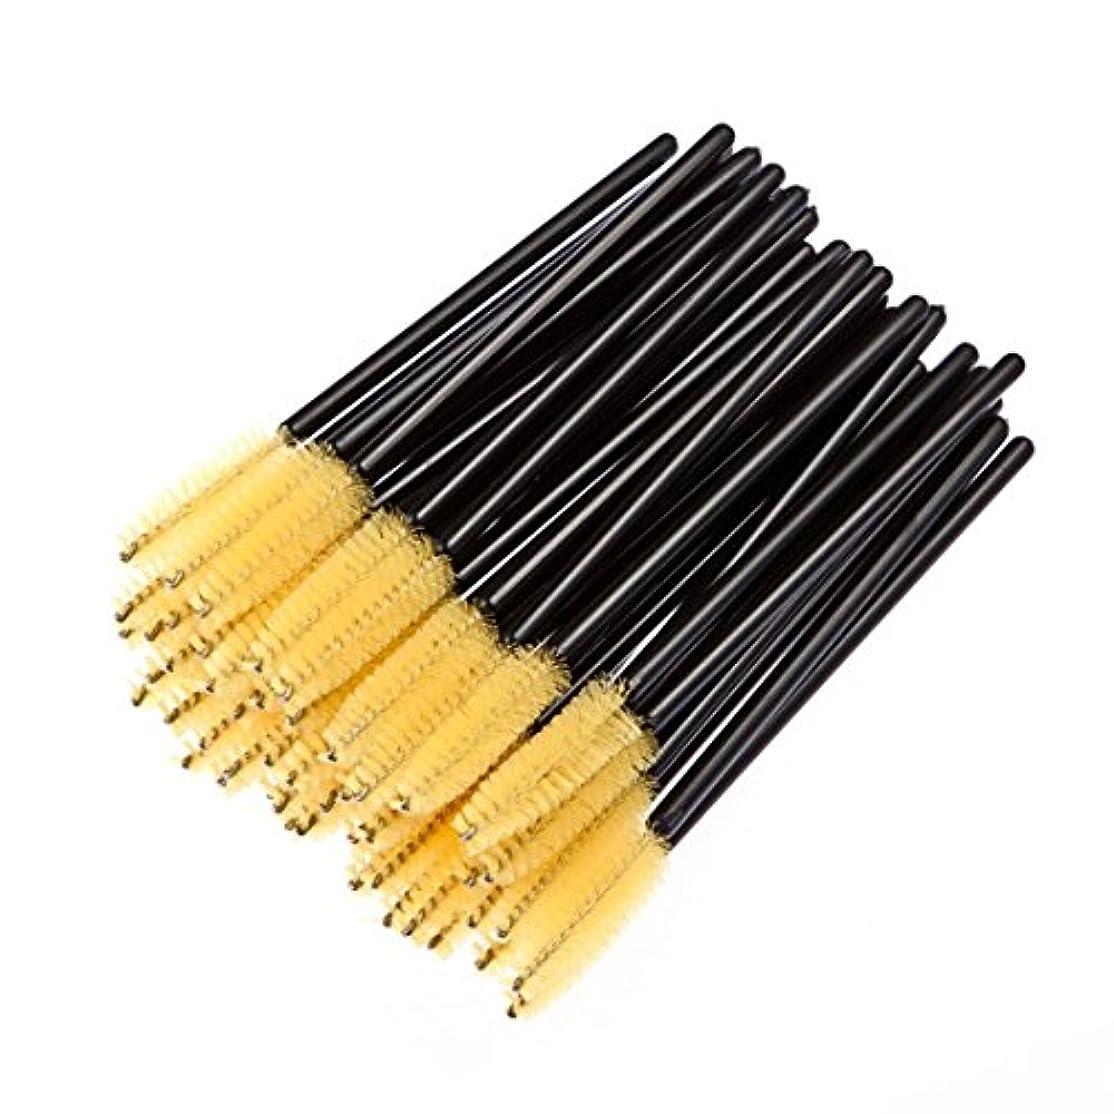 レキシコン家具ローストまつげブラシ 100本セット 使い捨てブラシ スクリューブラシ 睫毛増長 4色 (黄色い) [並行輸入品]